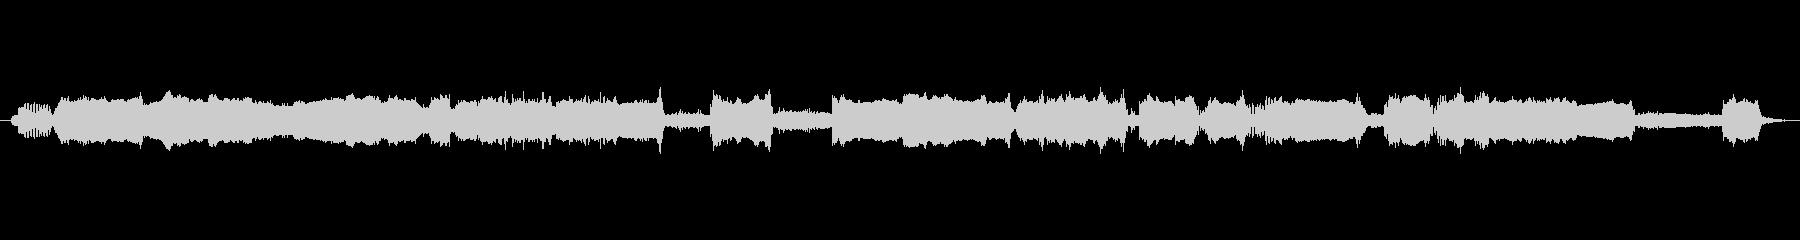 家庭 カミソリクラッターロング02の未再生の波形